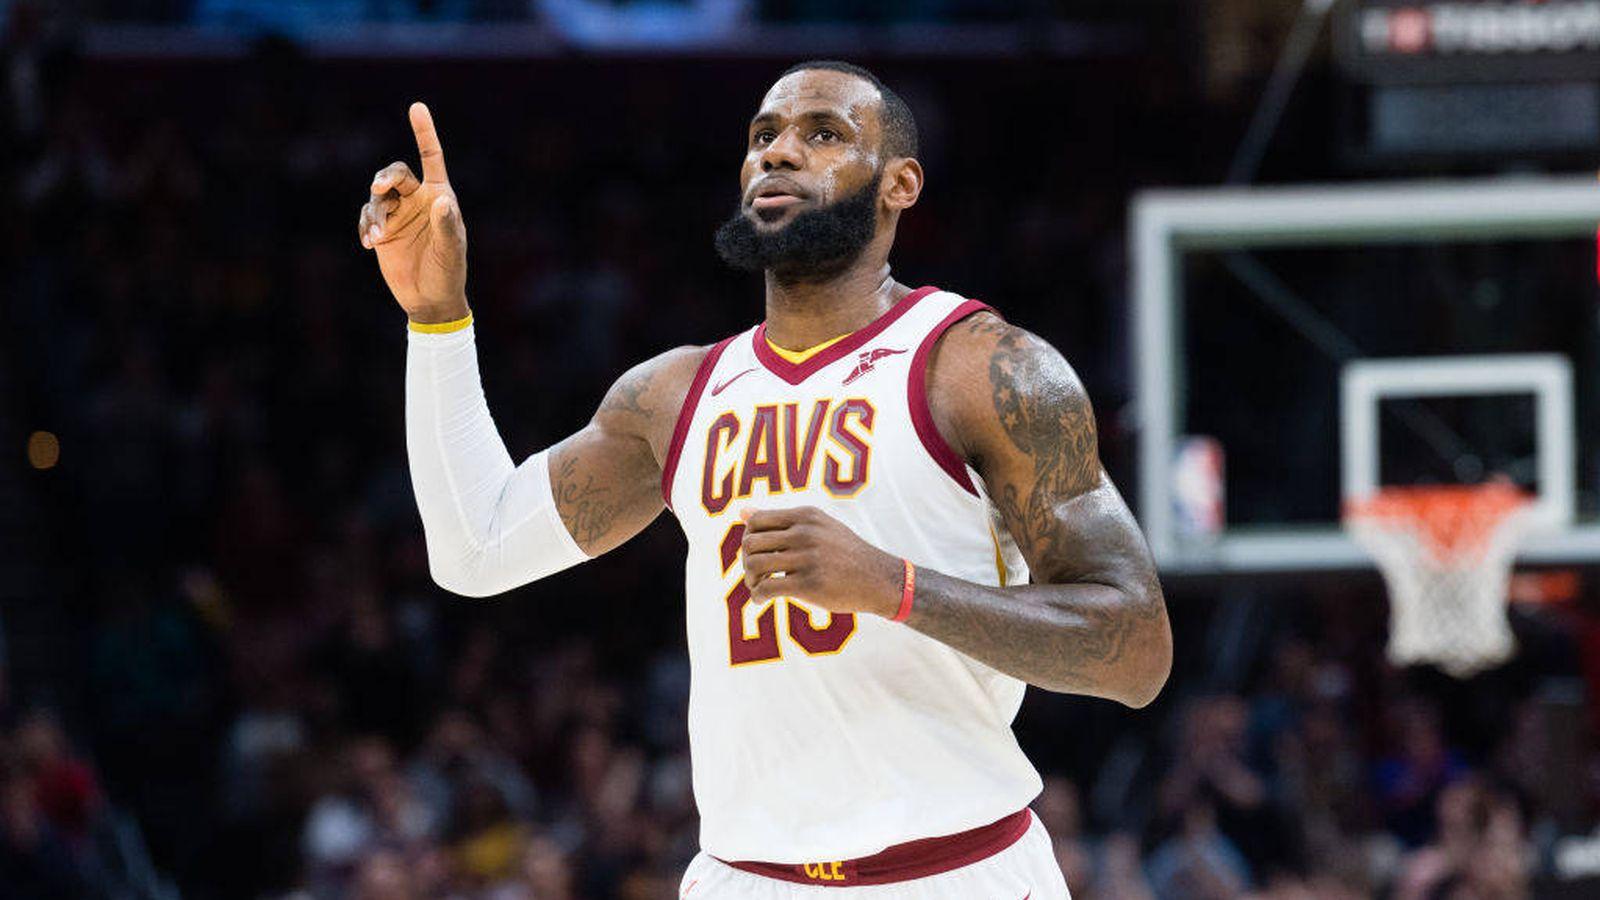 NBA: El increíble récord de Michael Jordan que ha batido LeBron James